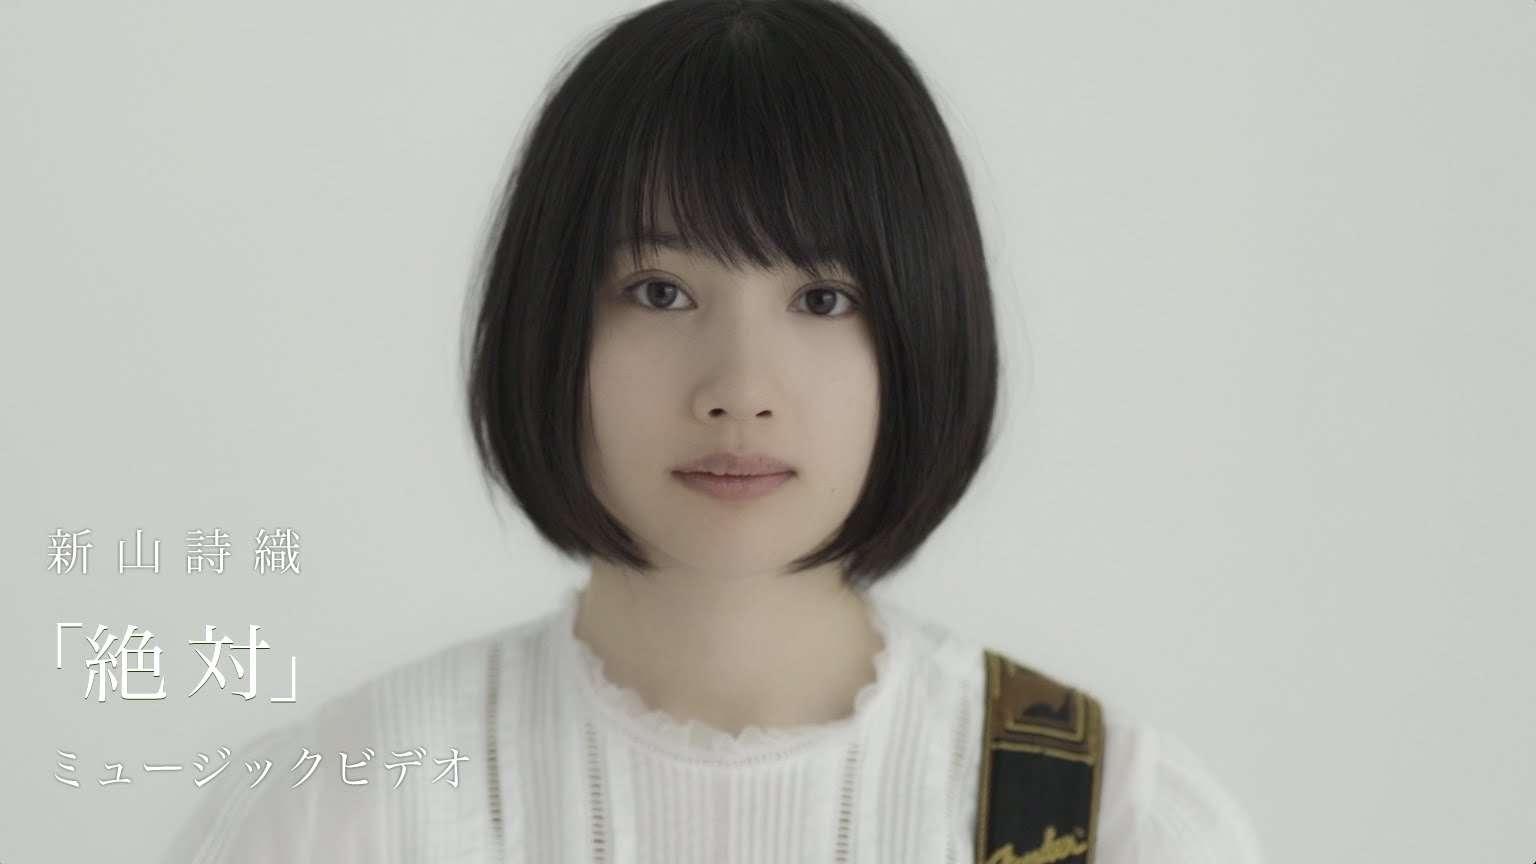 新山詩織「絶対」MV - YouTube